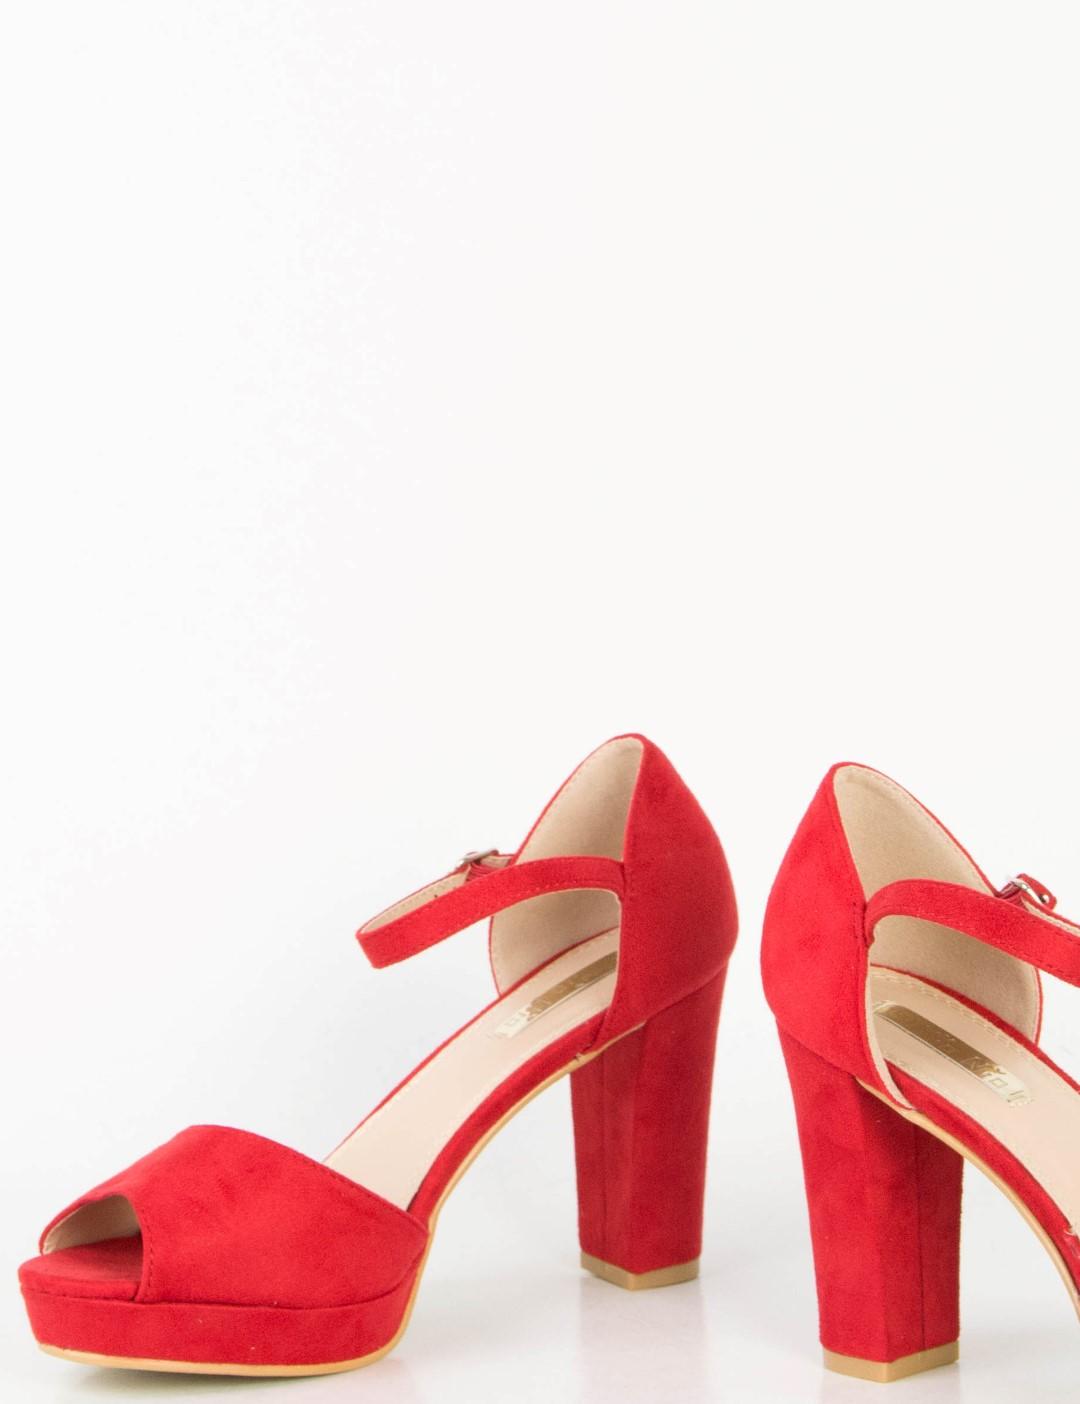 f62765ae915 Γυναικεία κόκκινα σουέντ πέδιλα χοντρό τακούνι 8116Y